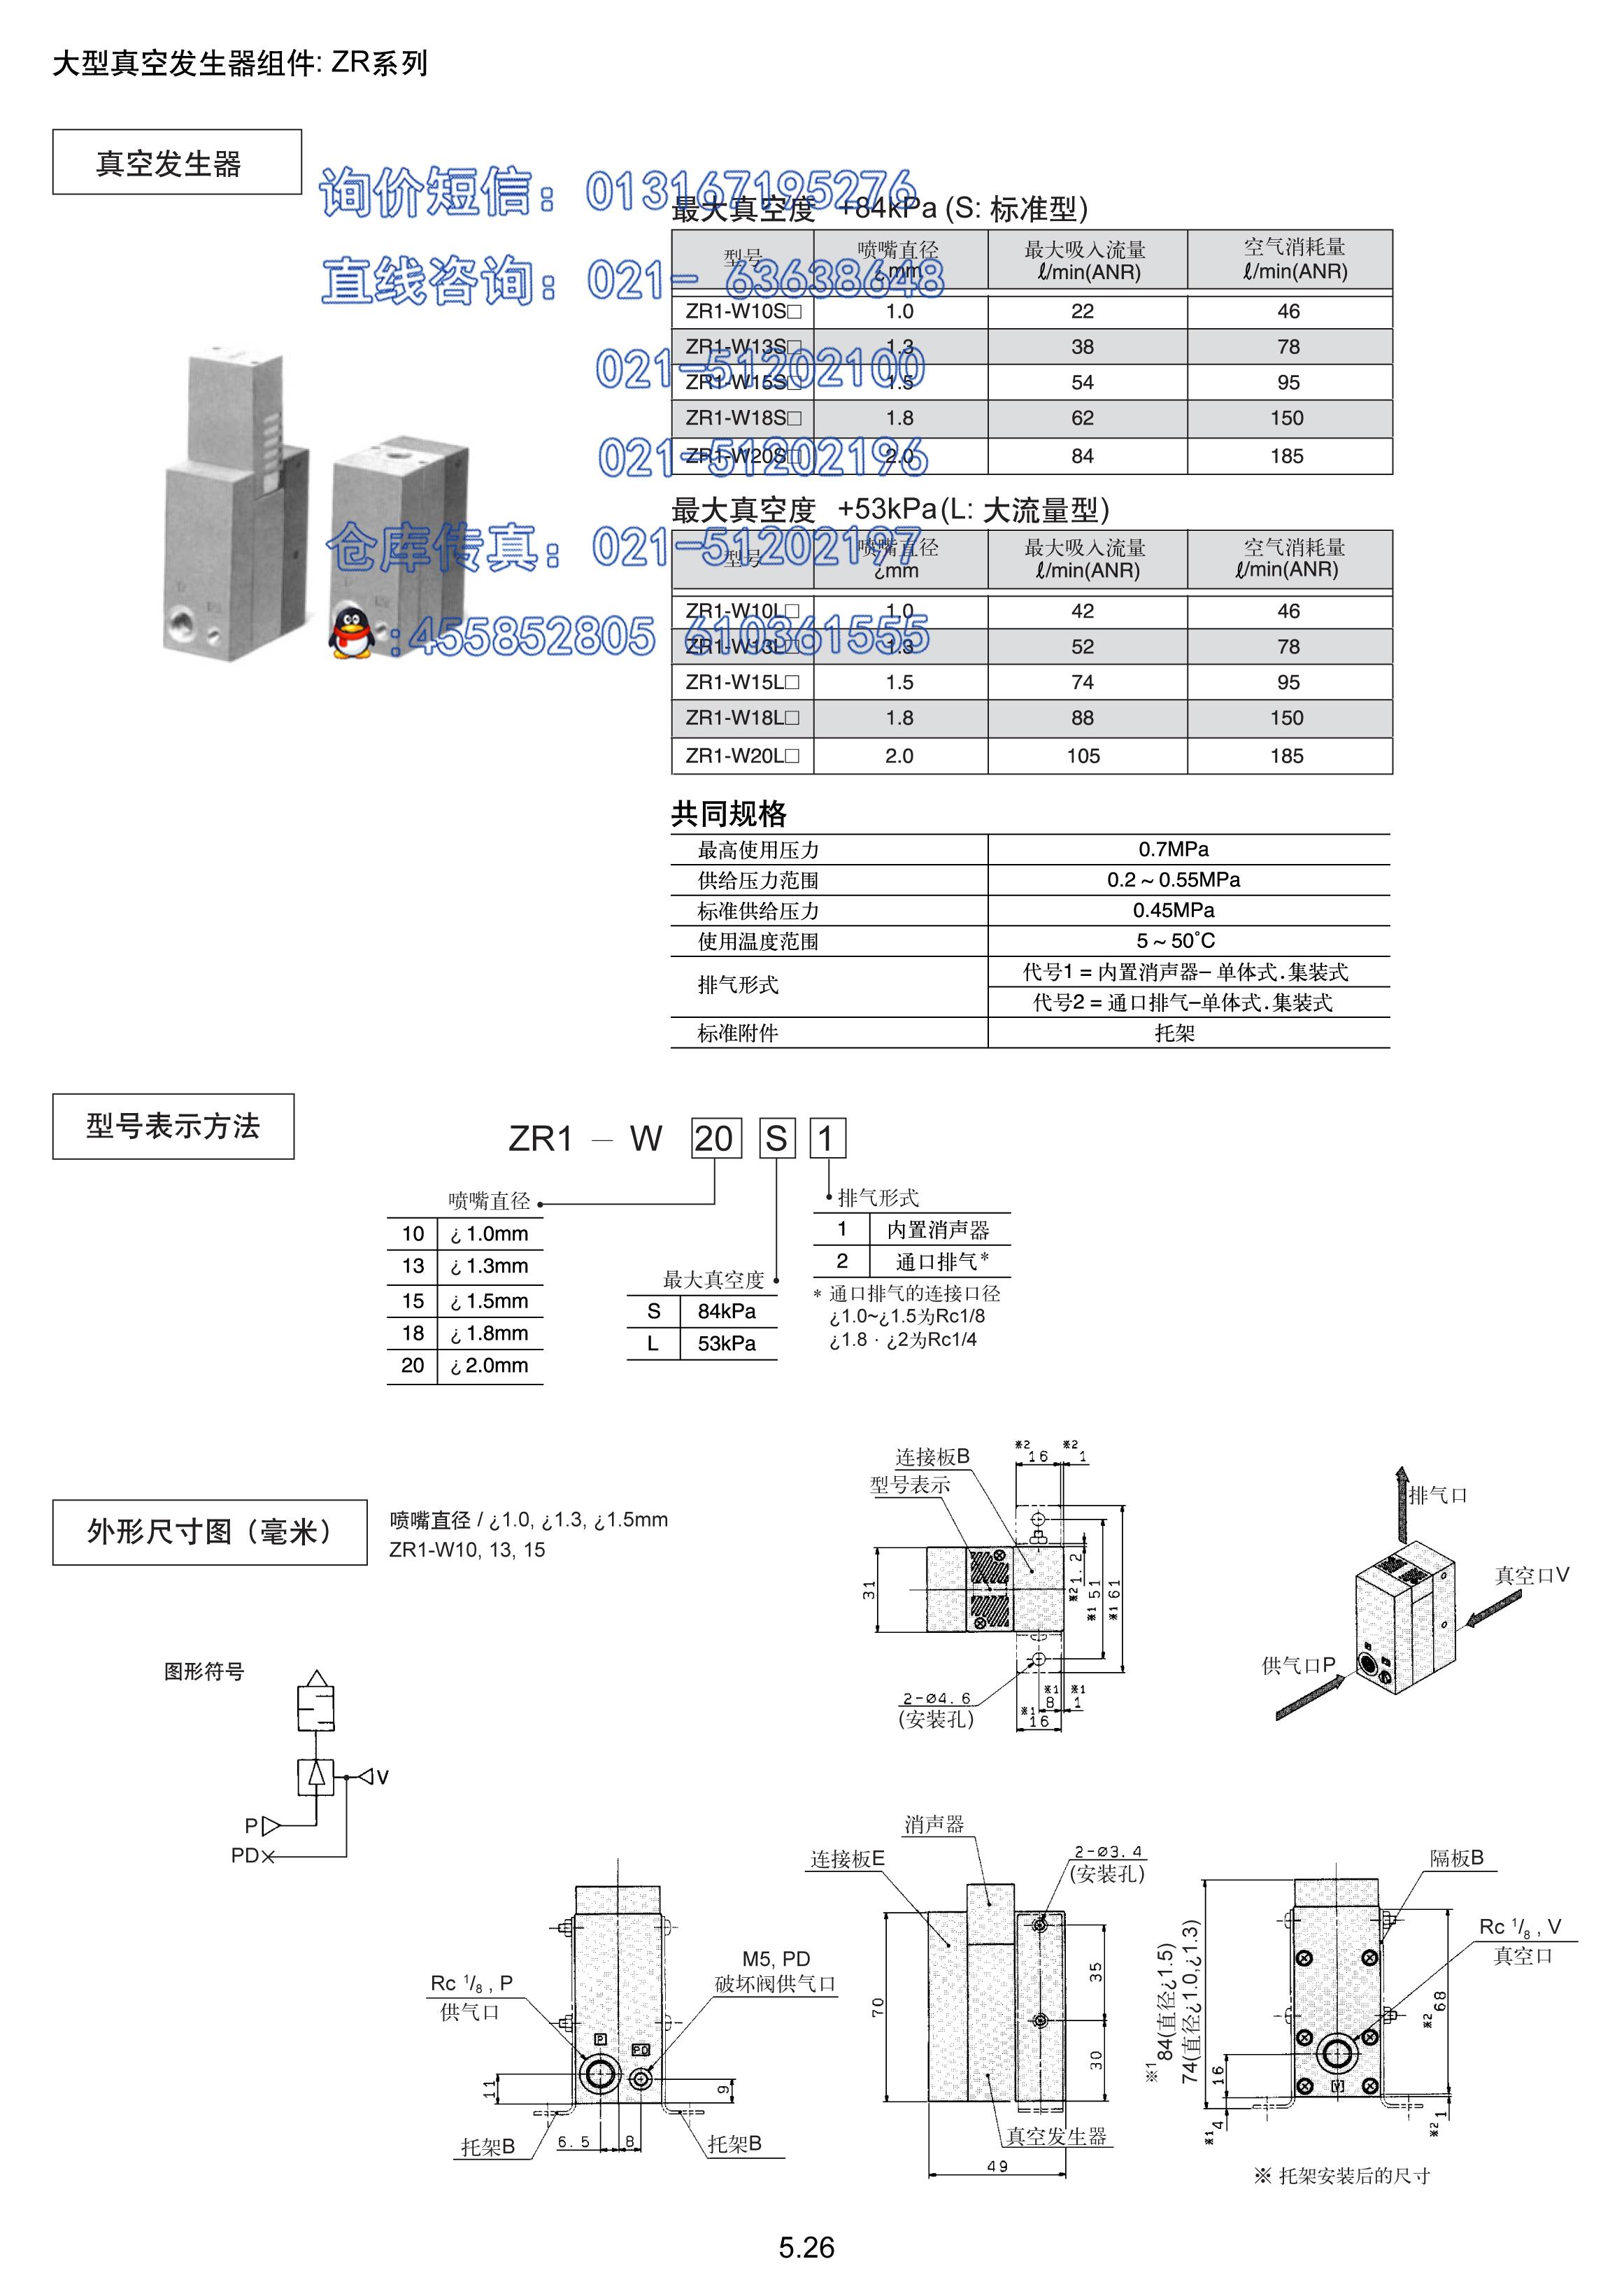 真空发生器smc-zl112-dnl的接线图